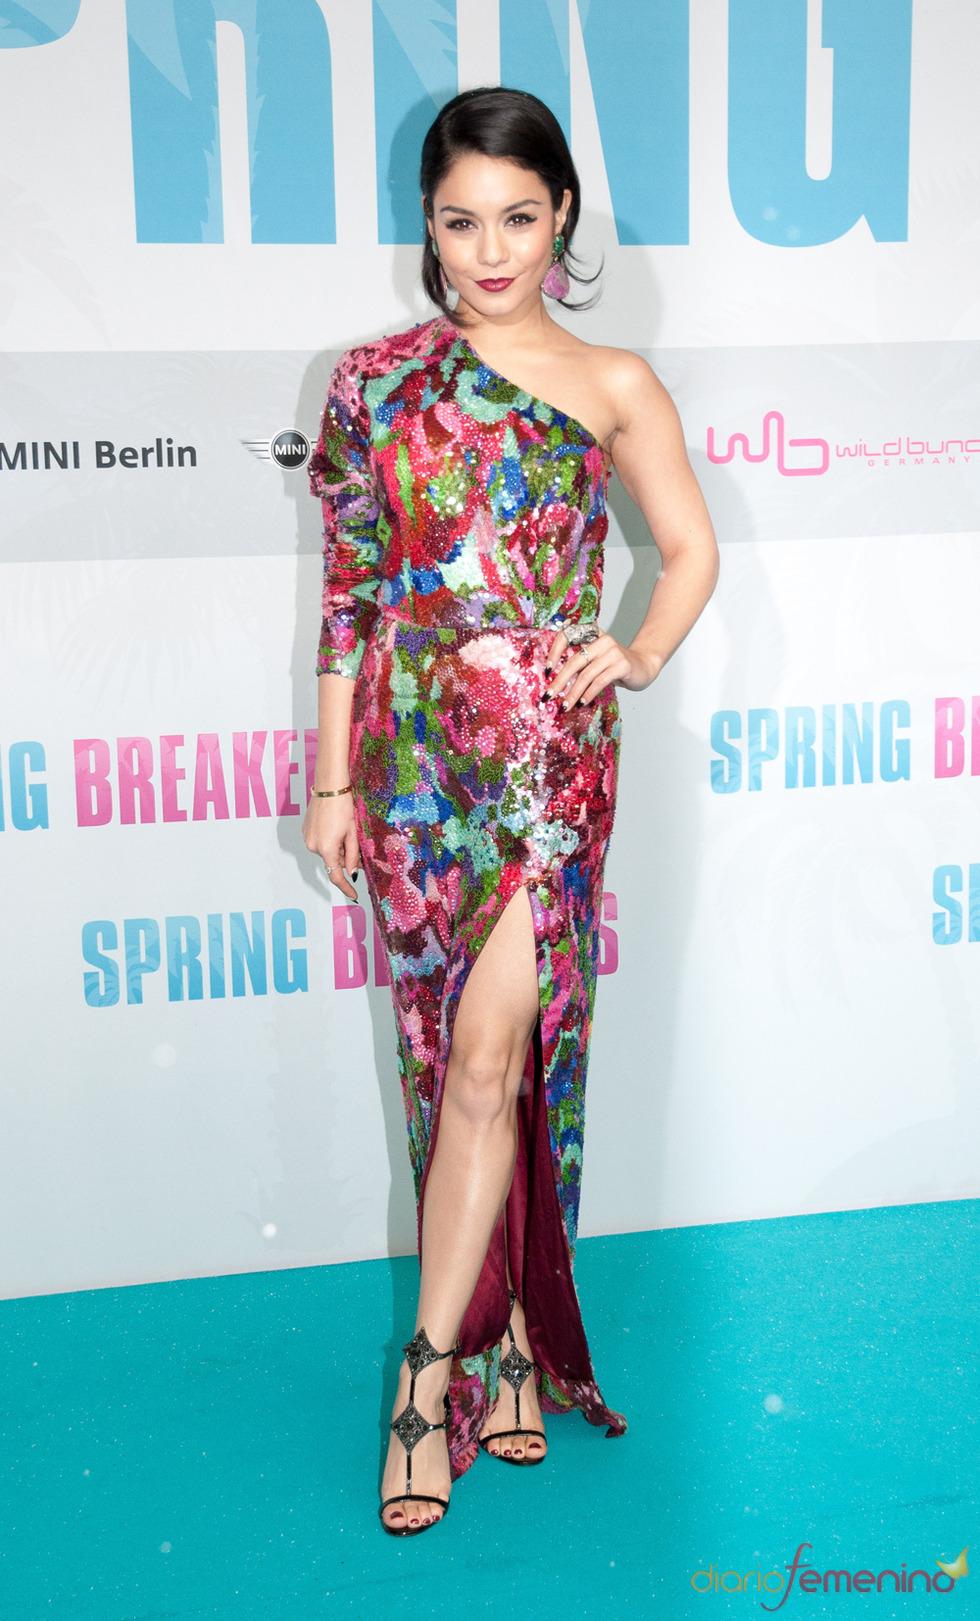 Vanessa Hudgens, protagonista de Spring Breakers posa durante la presentación en Berlin